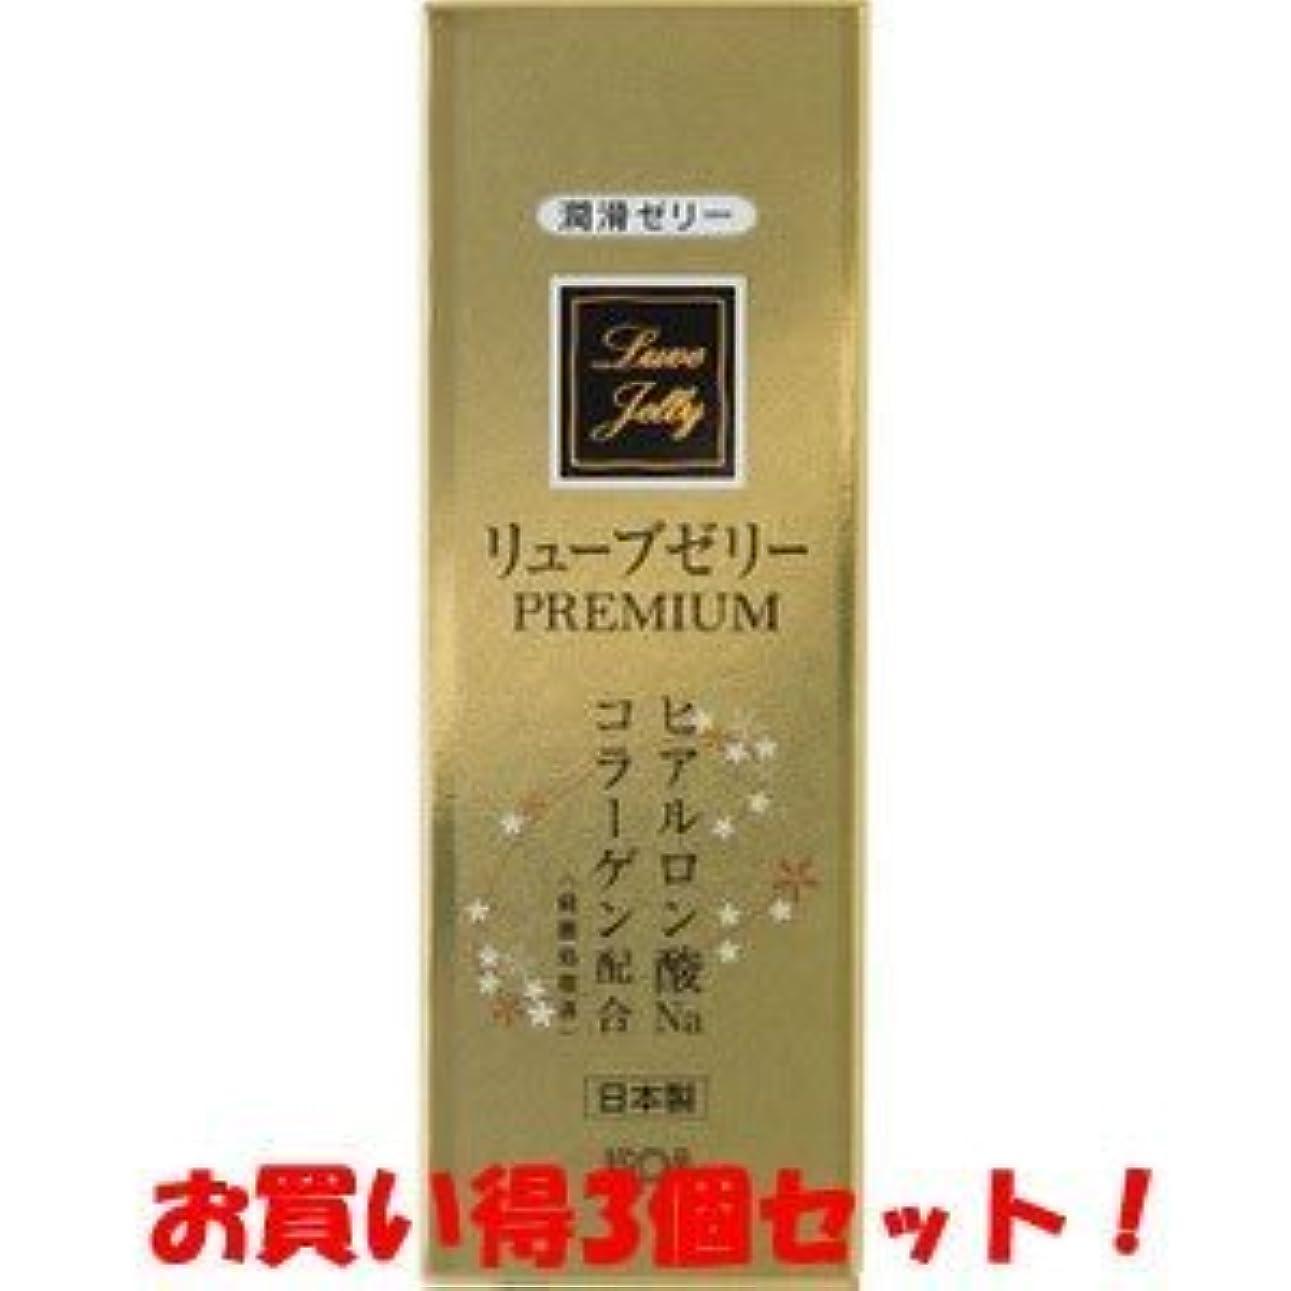 ほのめかすとらえどころのない硫黄(ジェクス)リューブゼリー プレミアム PREMIUM 55g(お買い得3個セット)